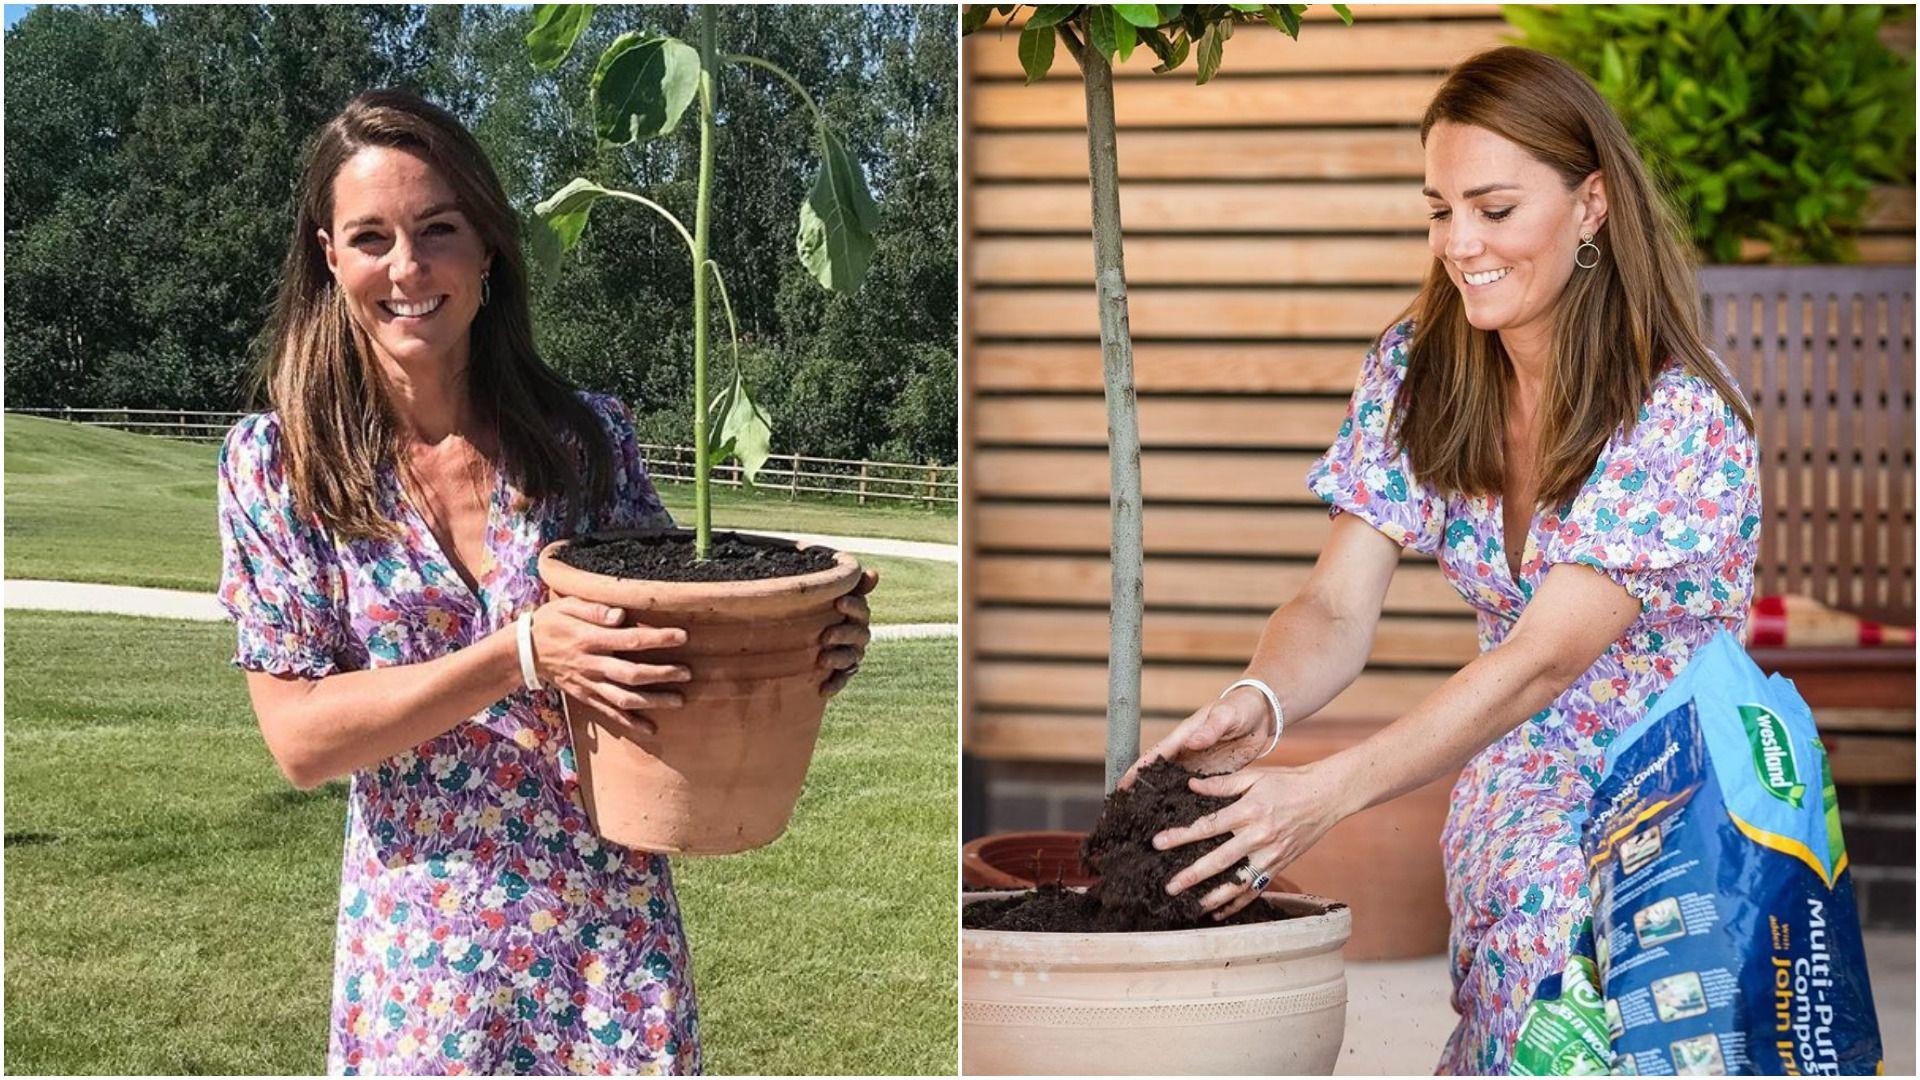 Hit haljina i omiljen par obuće: Kate Middleton nosi outfit koji fashionistice obožavaju u ljetnim danima